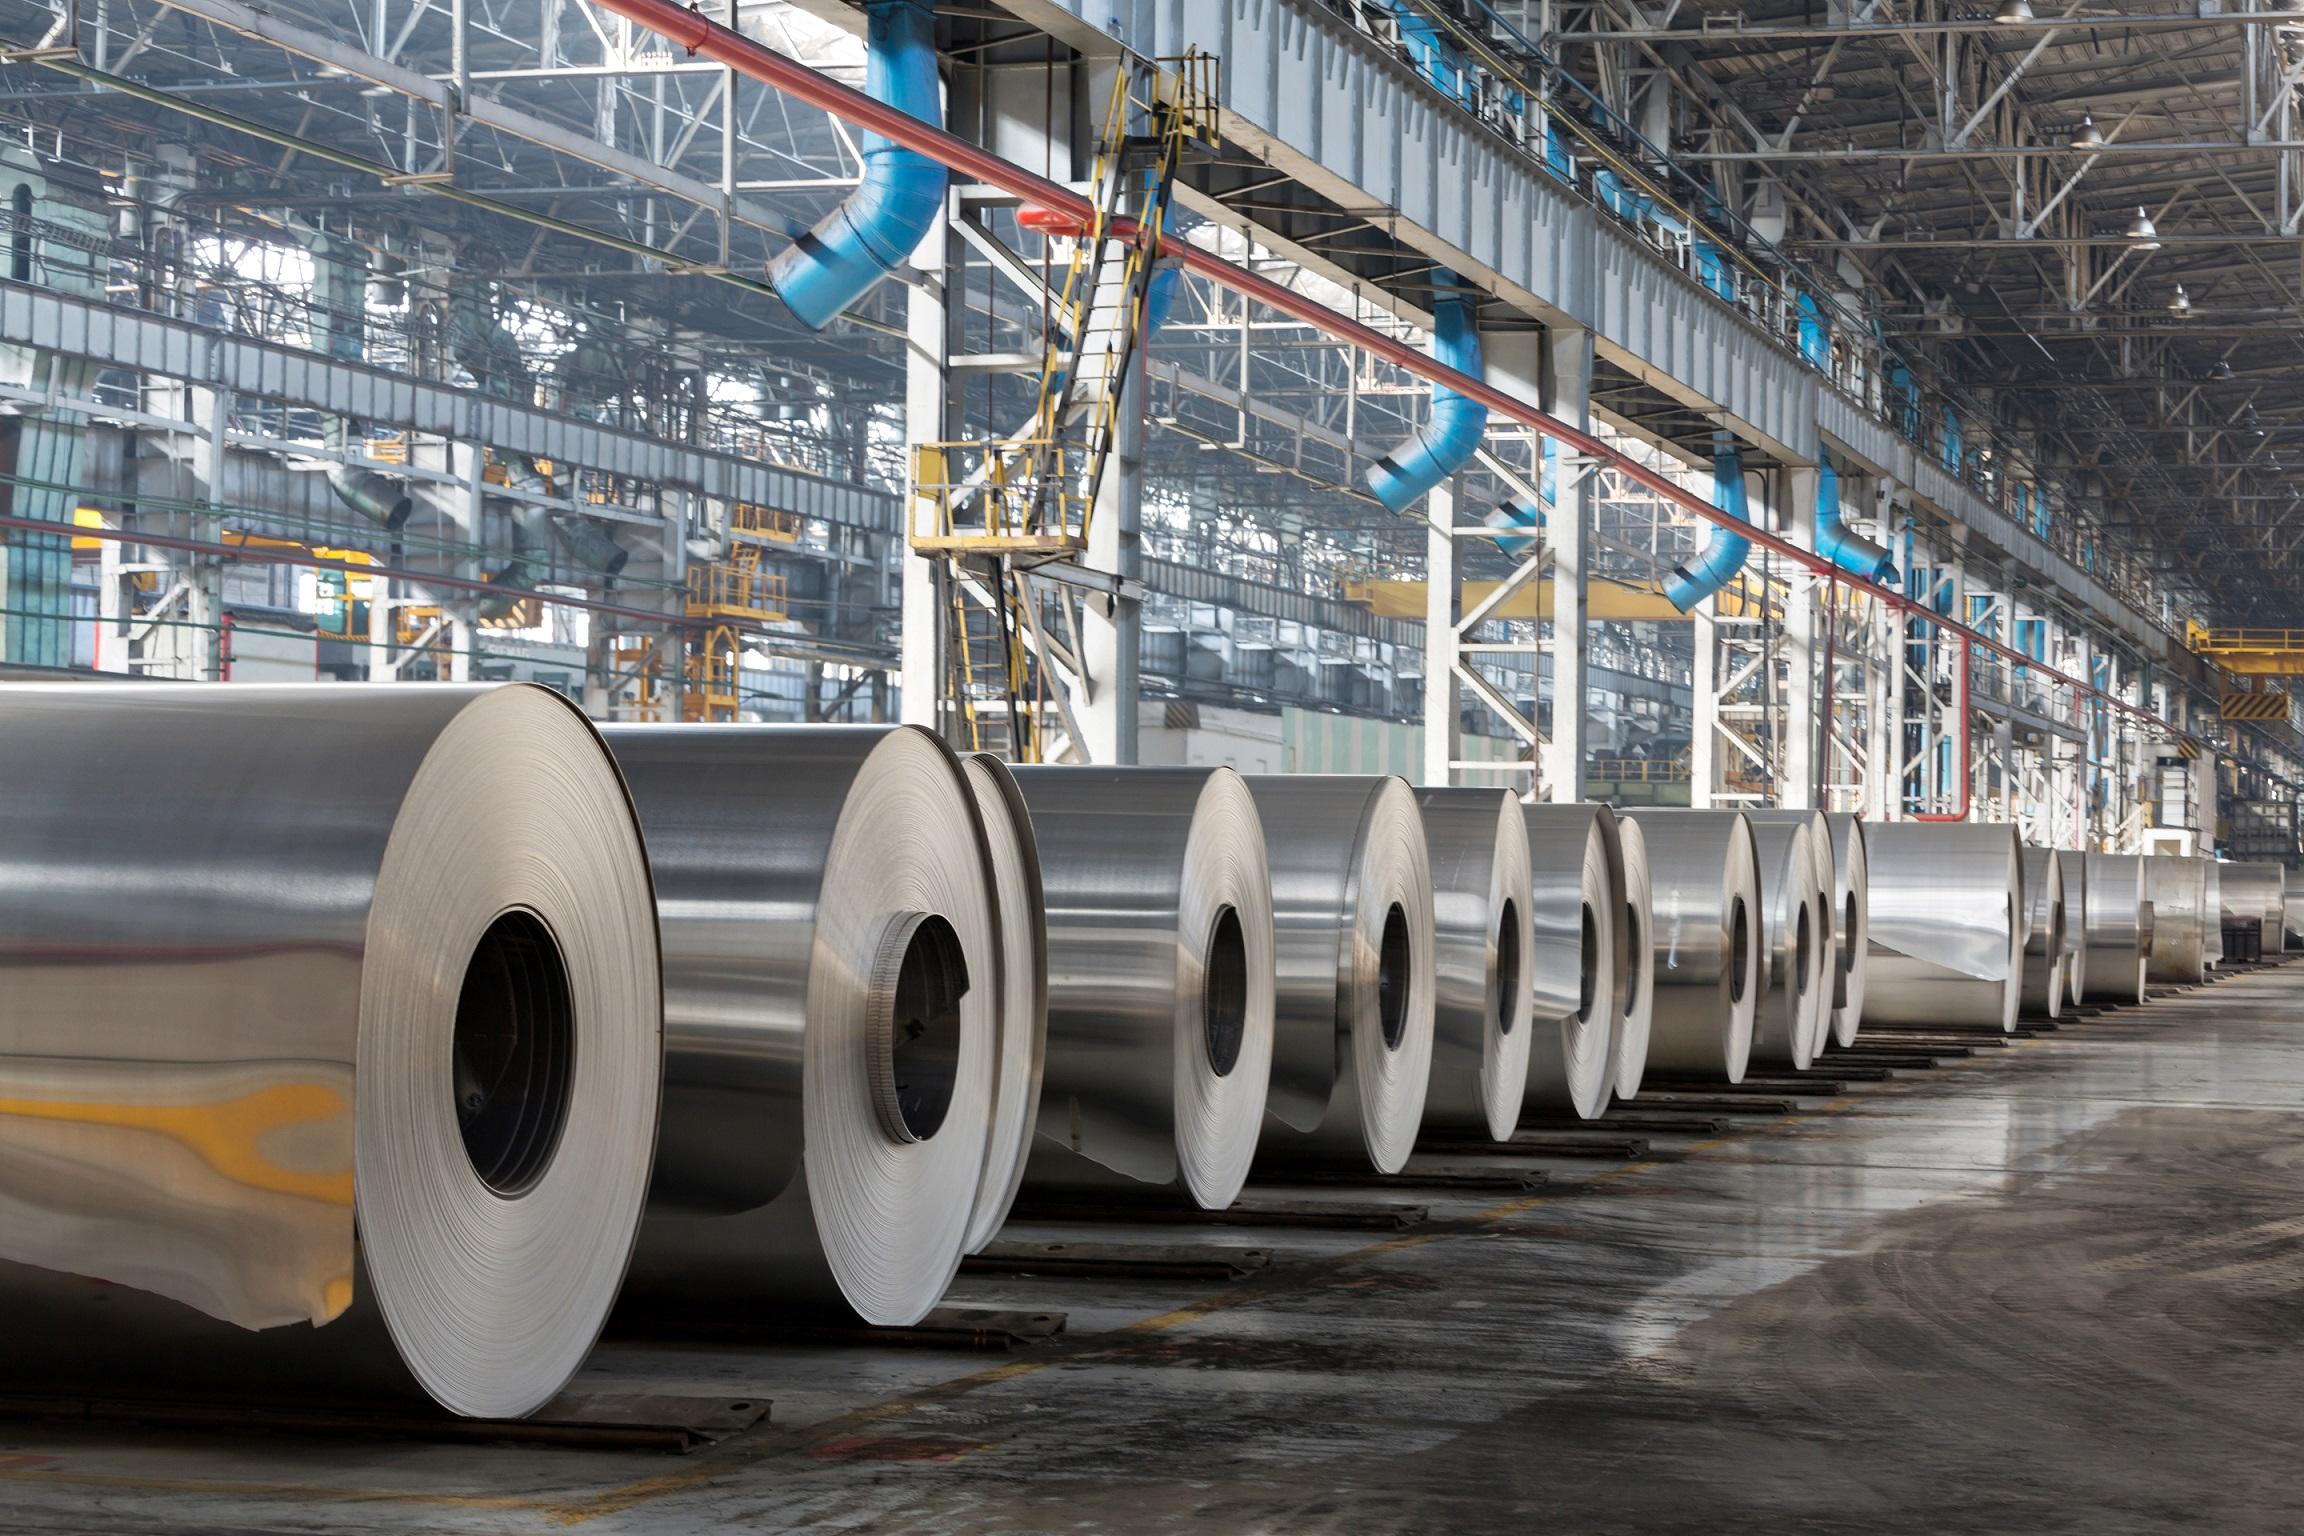 2018-03-06_metro_trade-steel-aluminum_parilla-bouchet